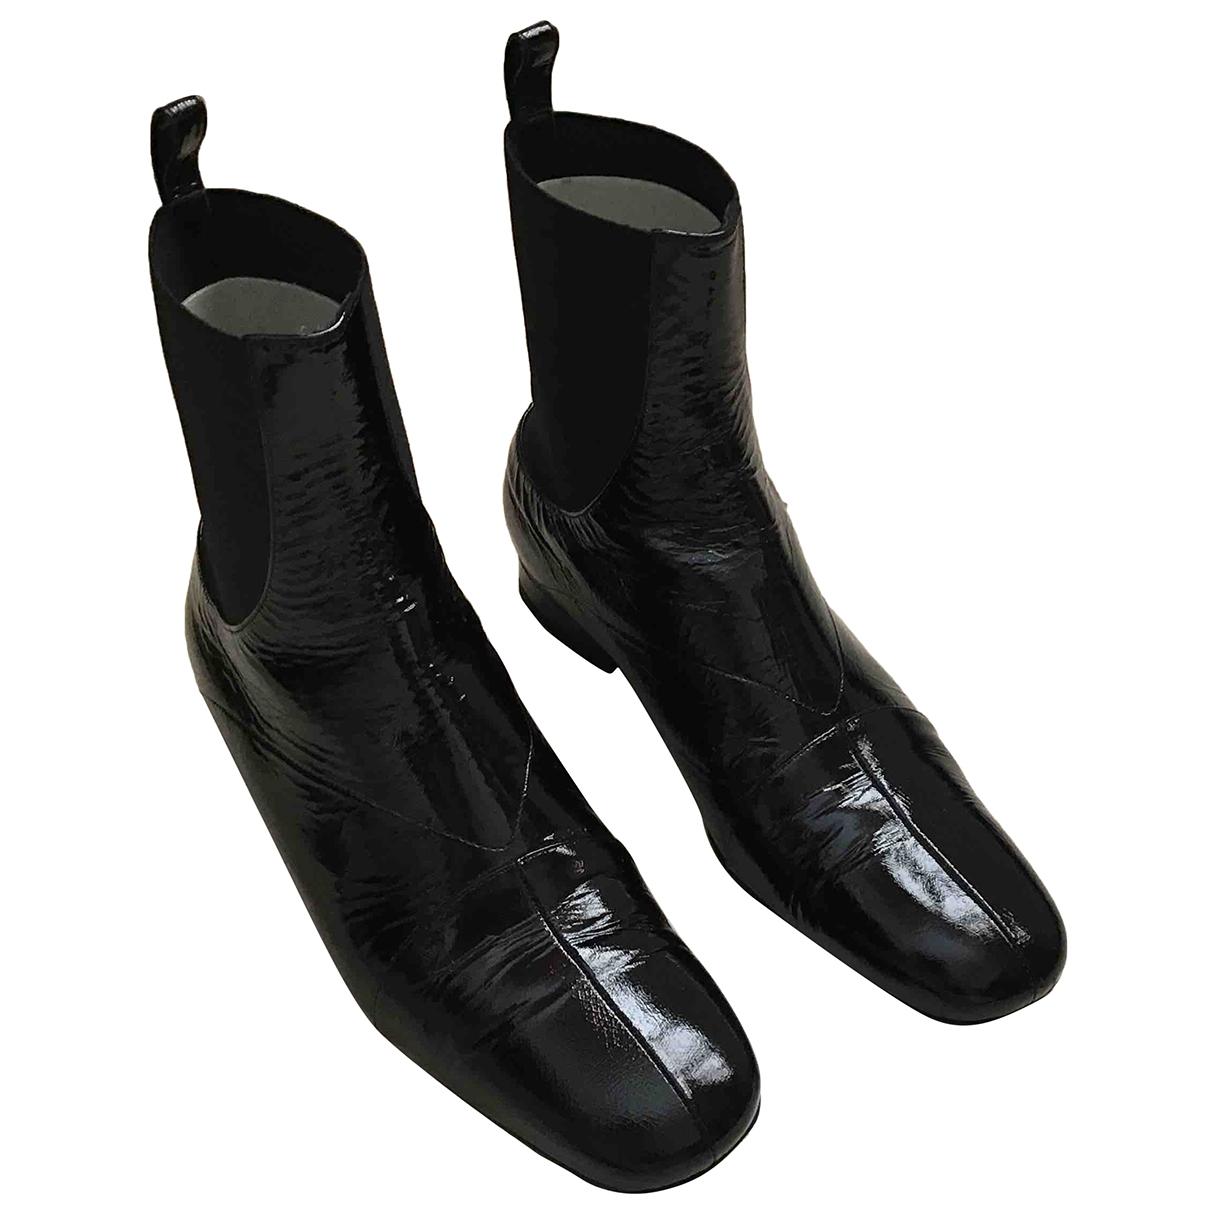 Premiata - Boots   pour femme en cuir verni - noir